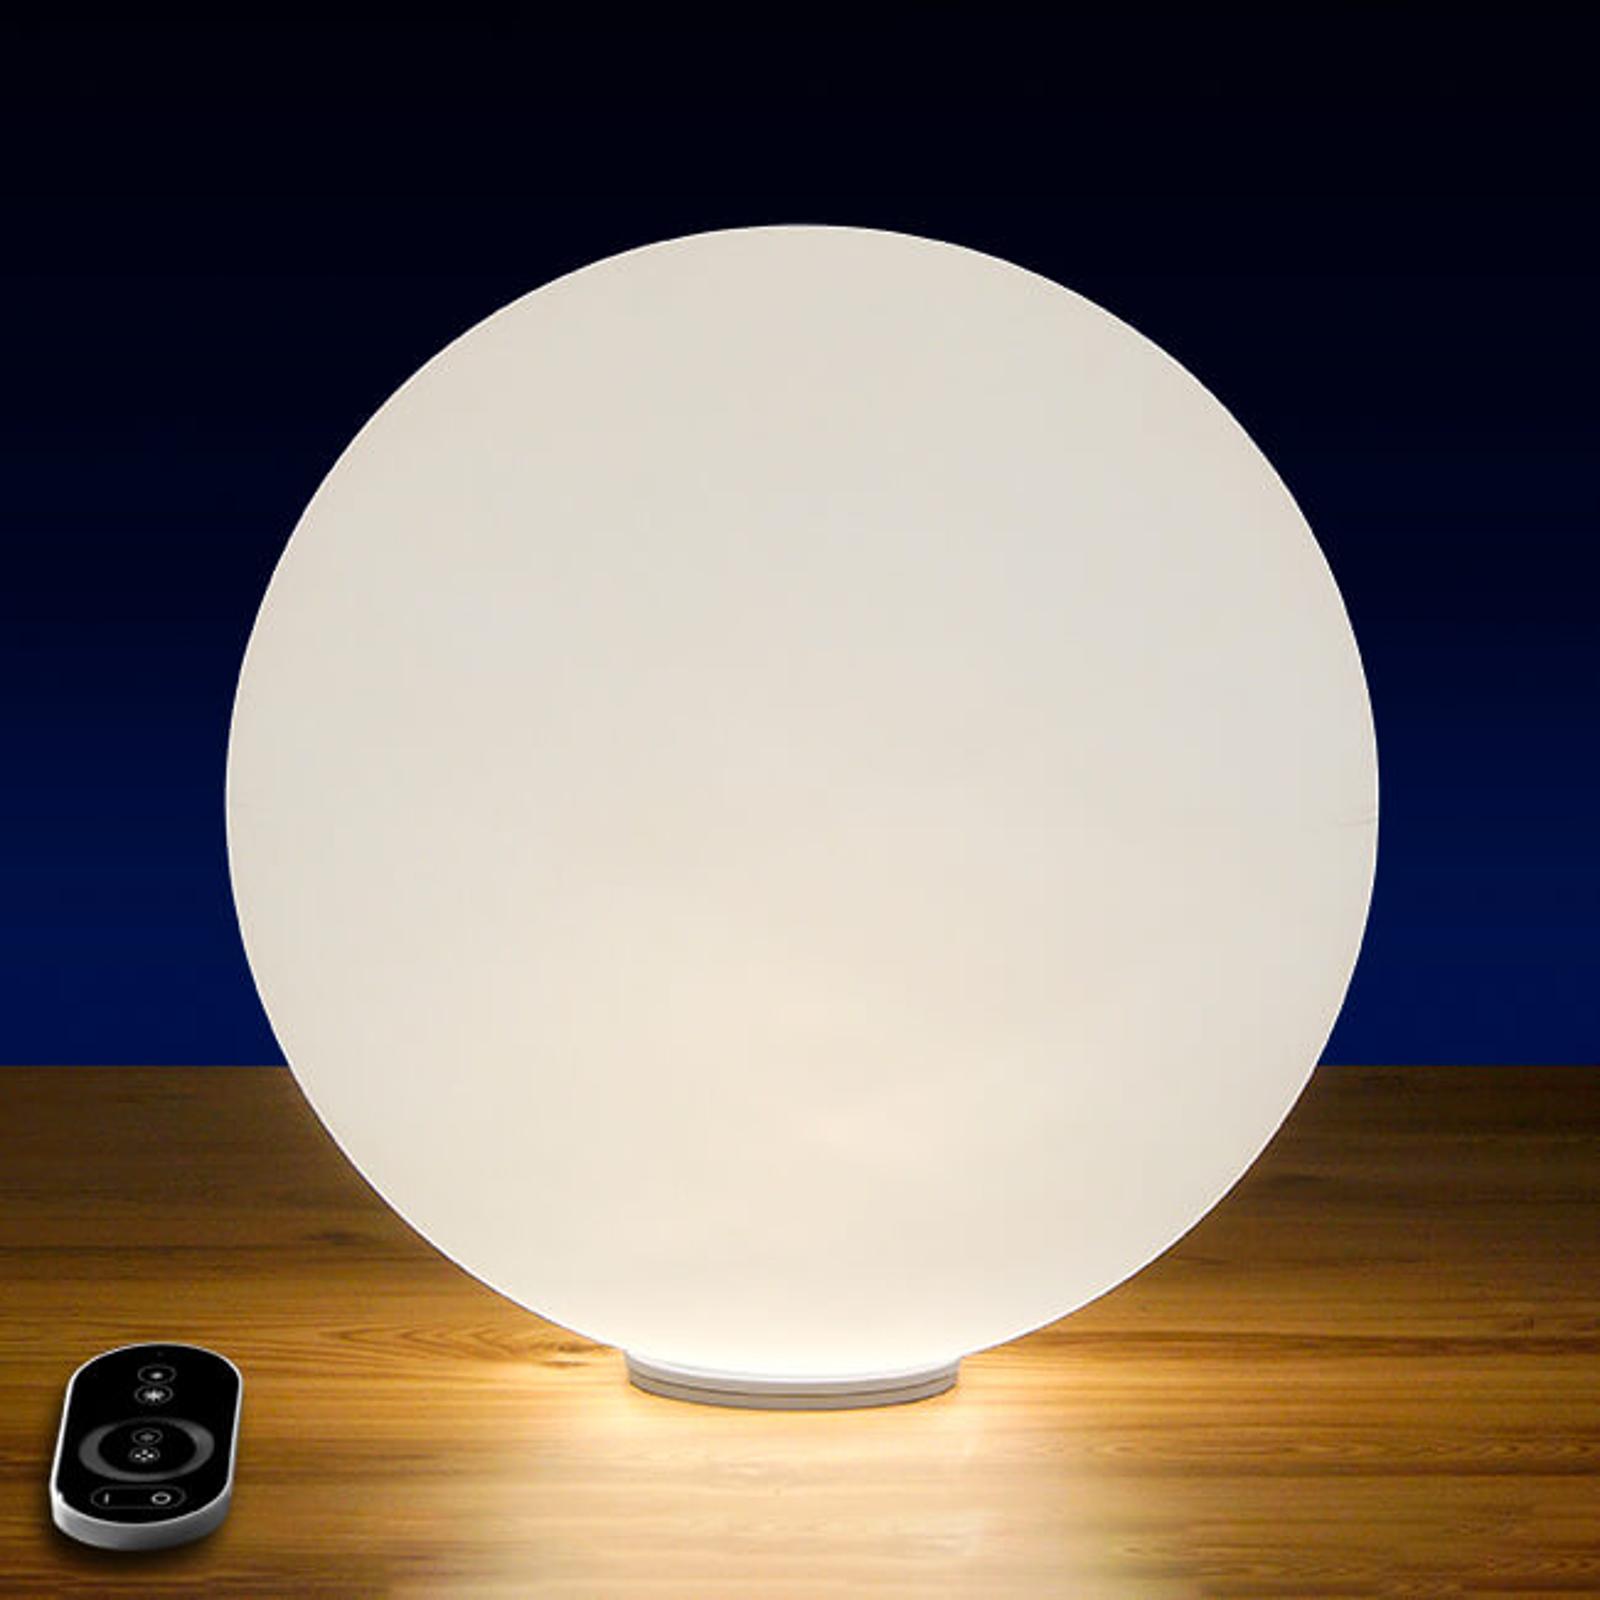 Stmívací LED kulové světlo Snowball, baterie 30 cm